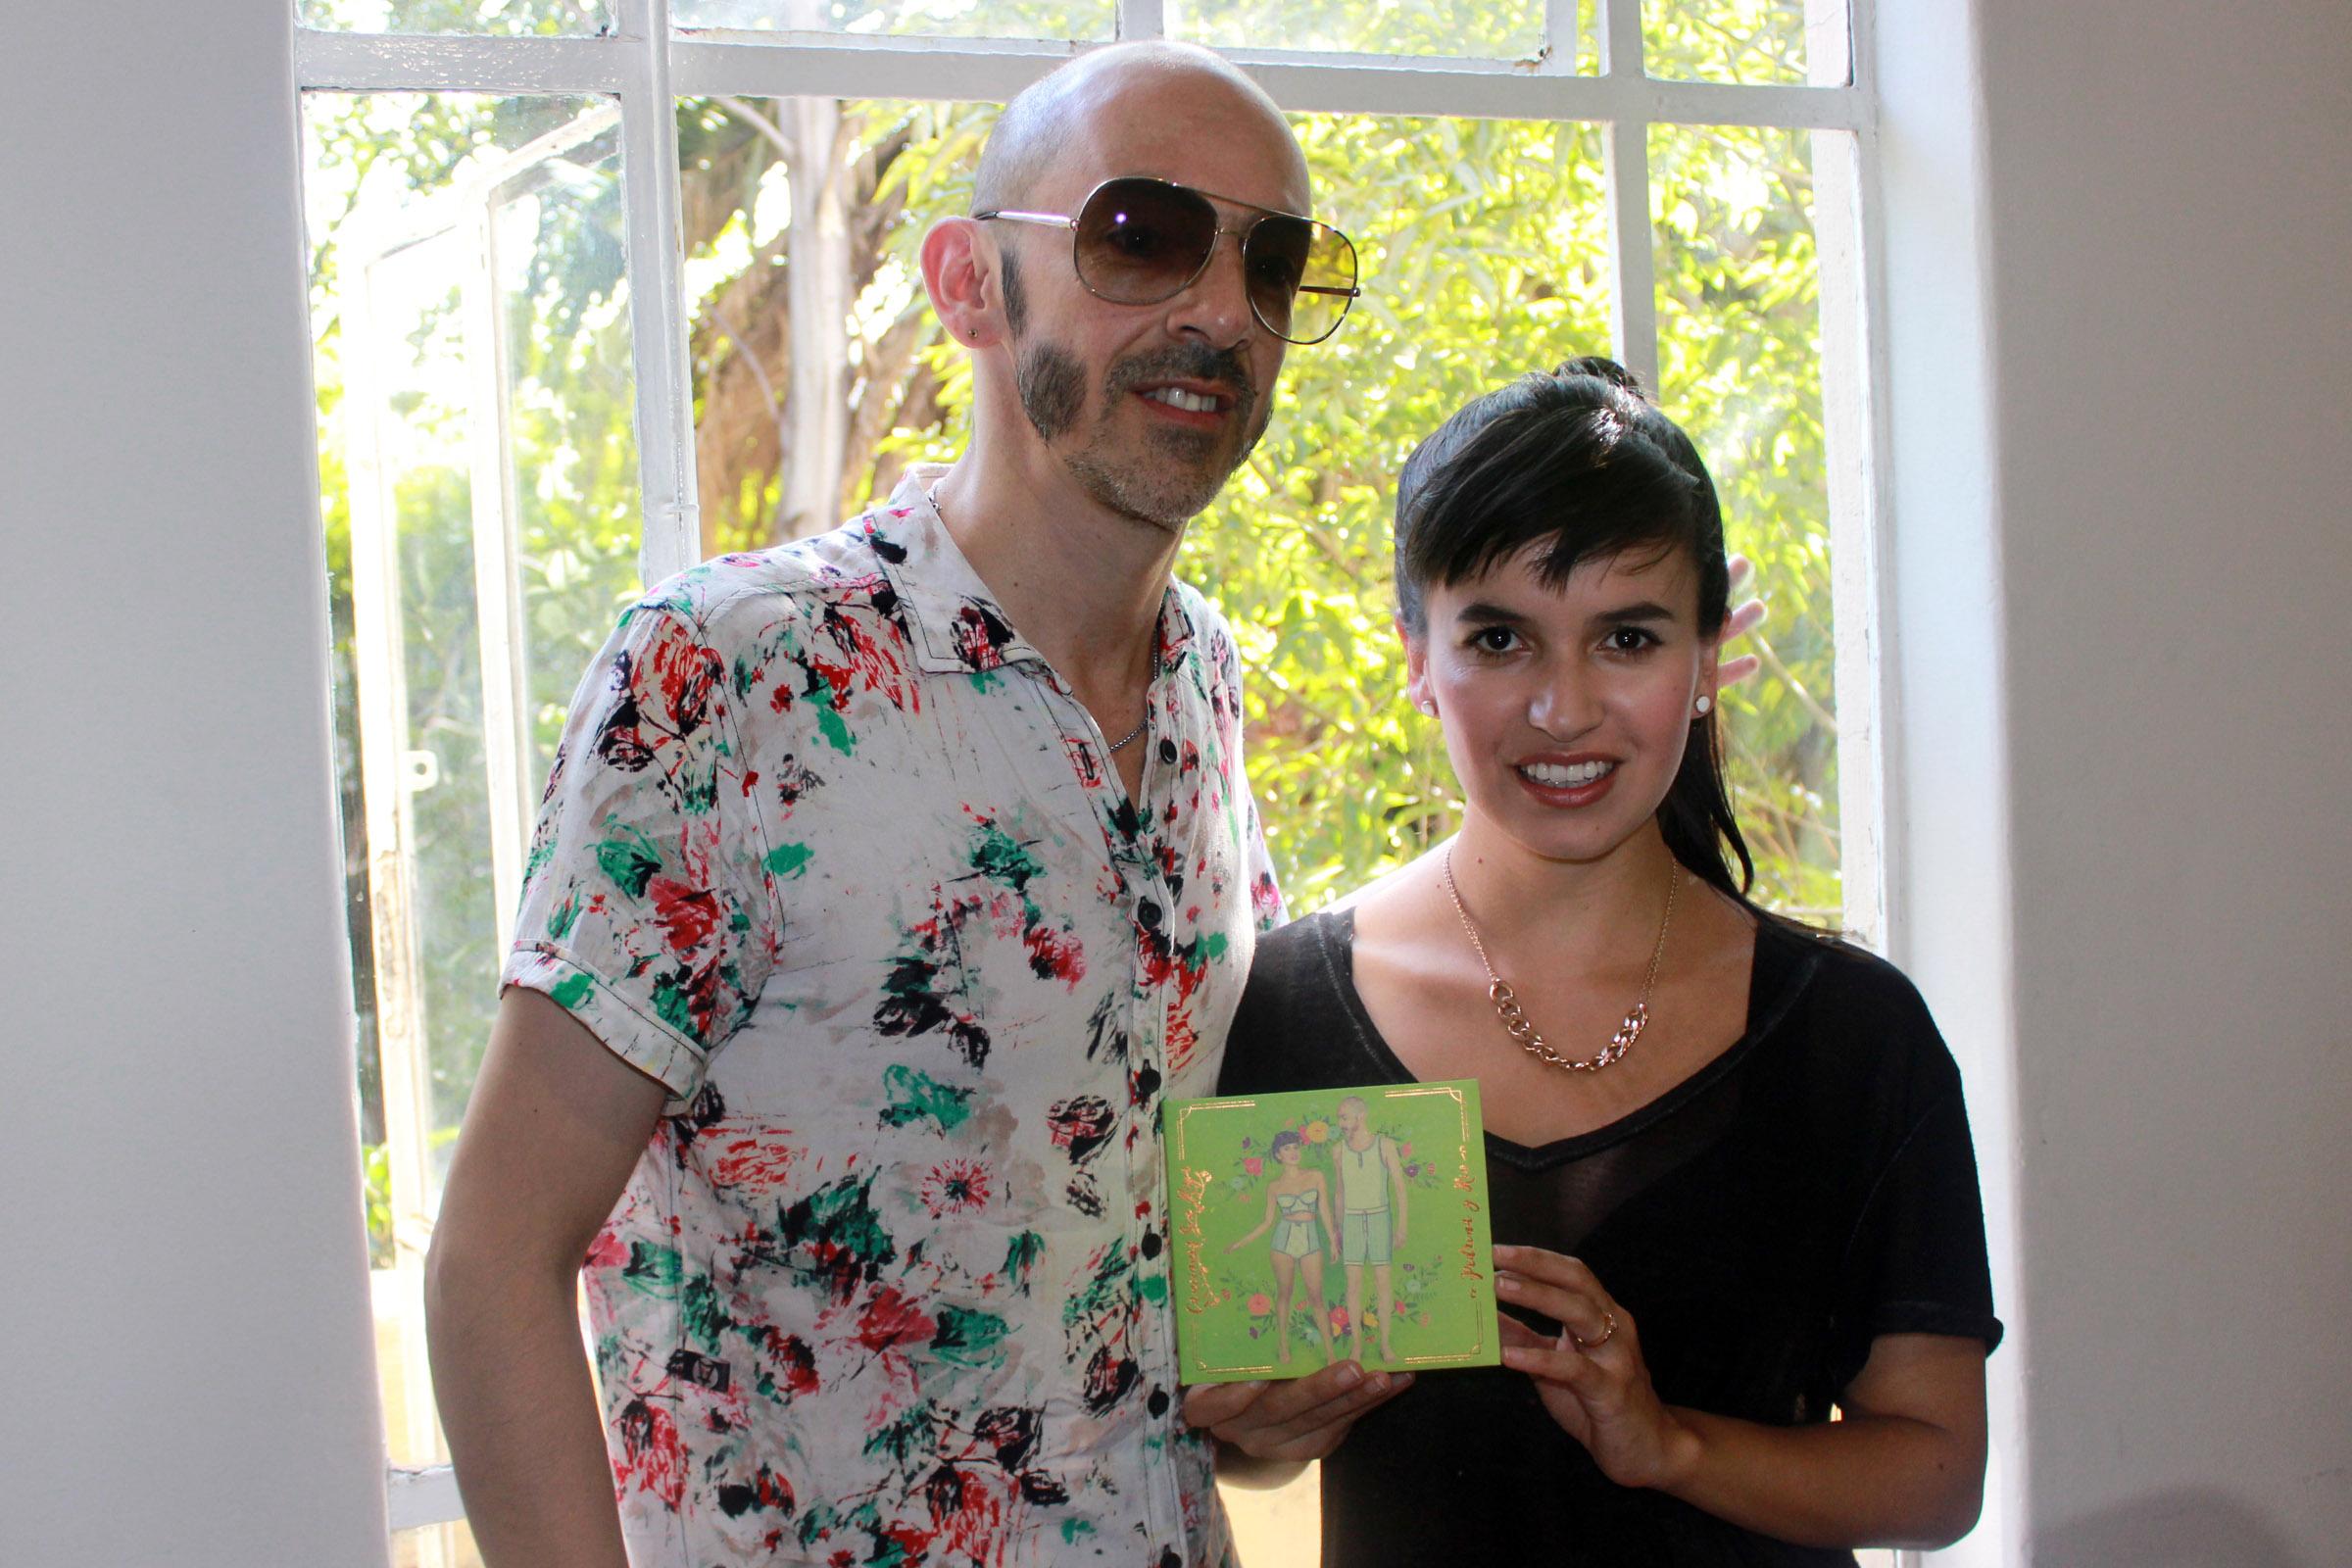 Pedrina y Rio Entrevista 1